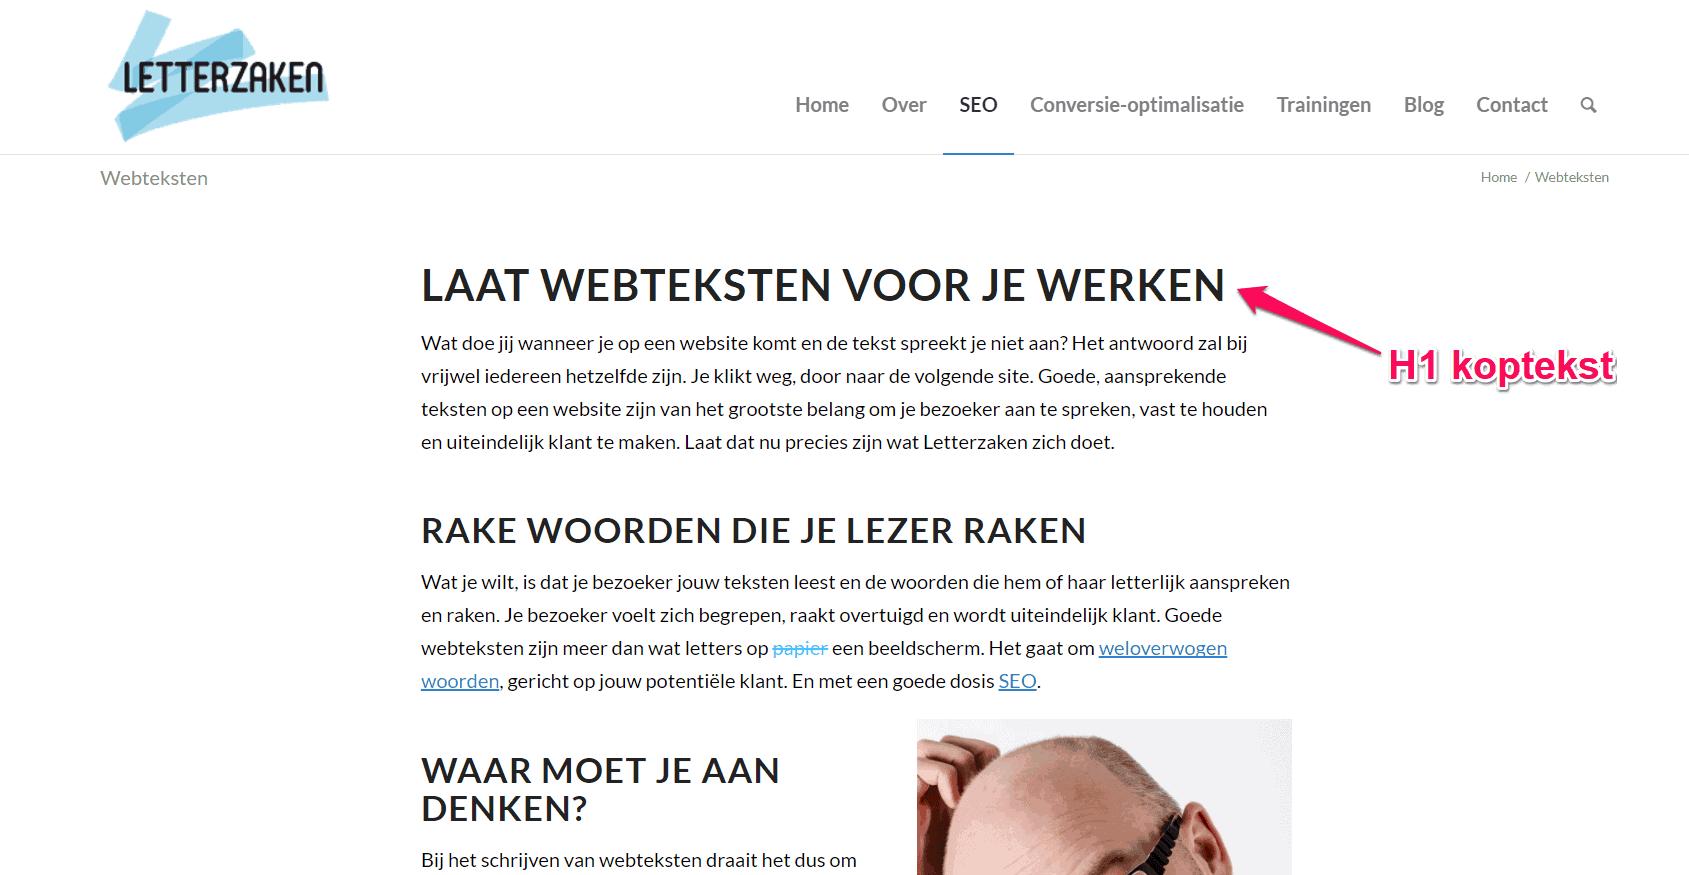 H1 koptekst is anders dan de paginatitel van de webpagina